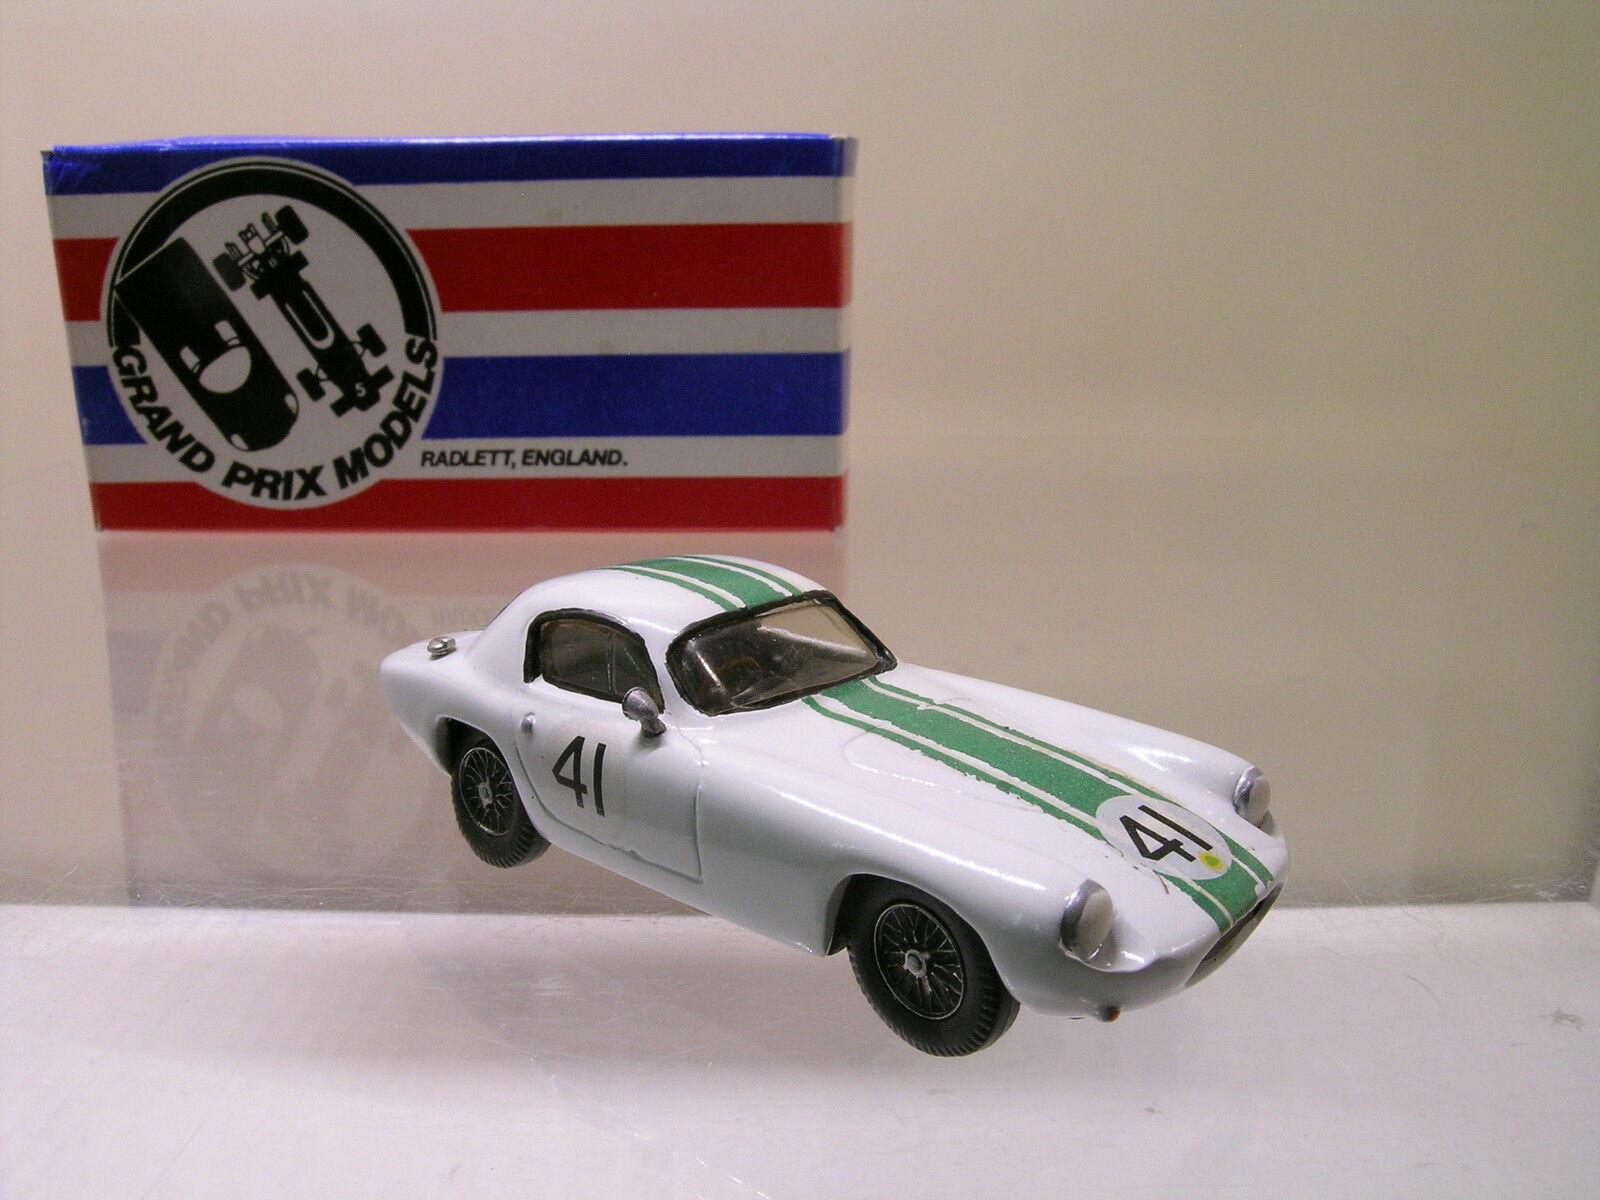 Grand - prix - modelle 2 lotus elite höhepunkt weiße handbuilt Weiß-metal boxed 1 43